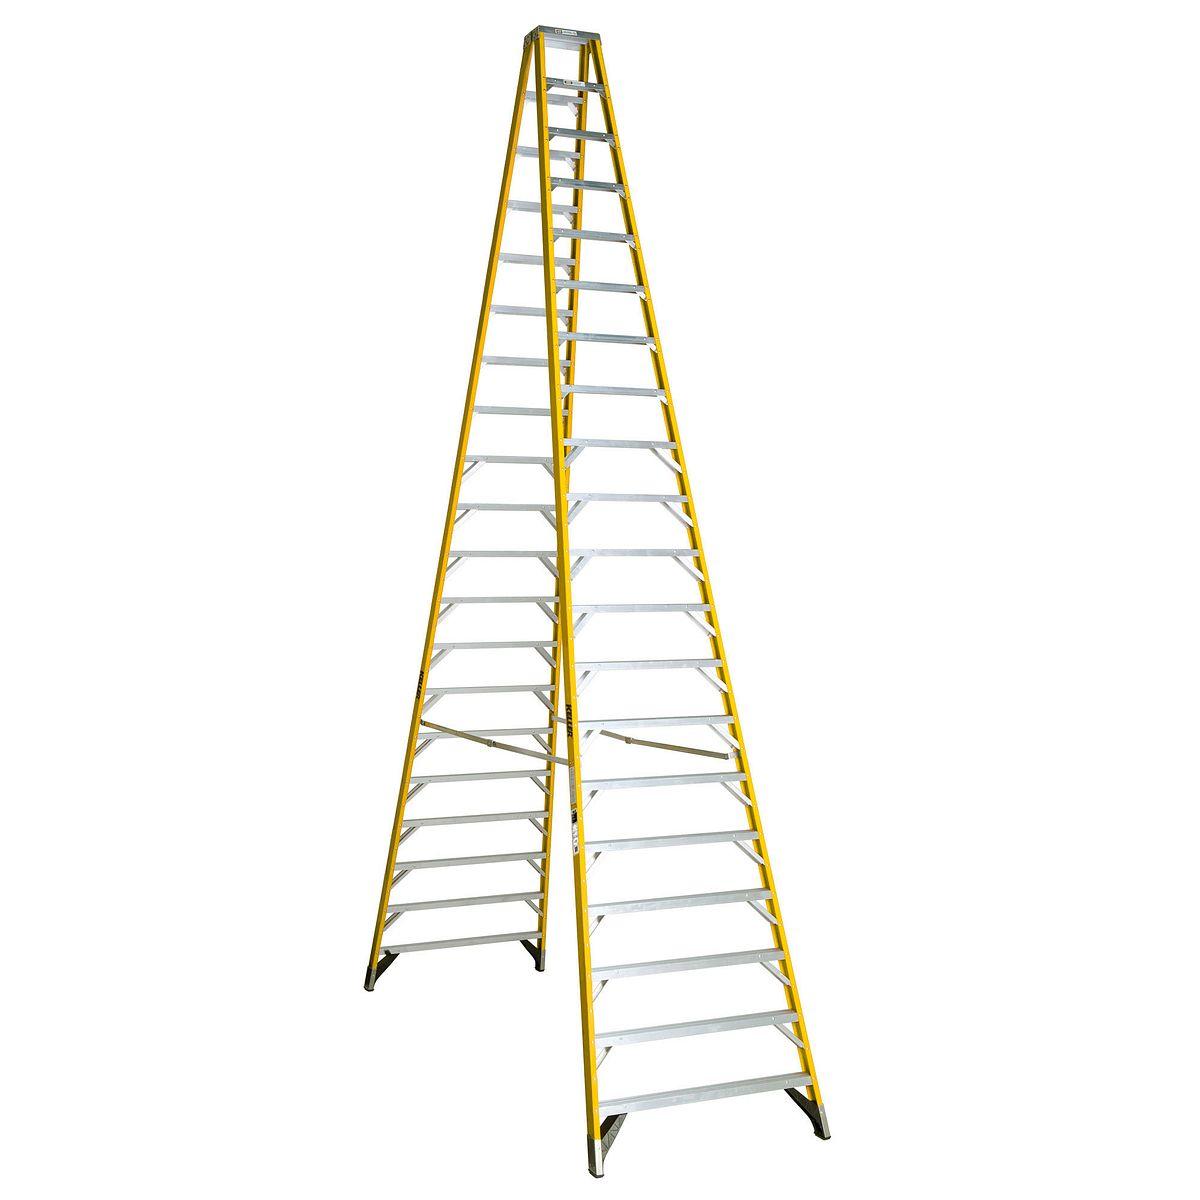 T10720 Step Ladders Keller Us